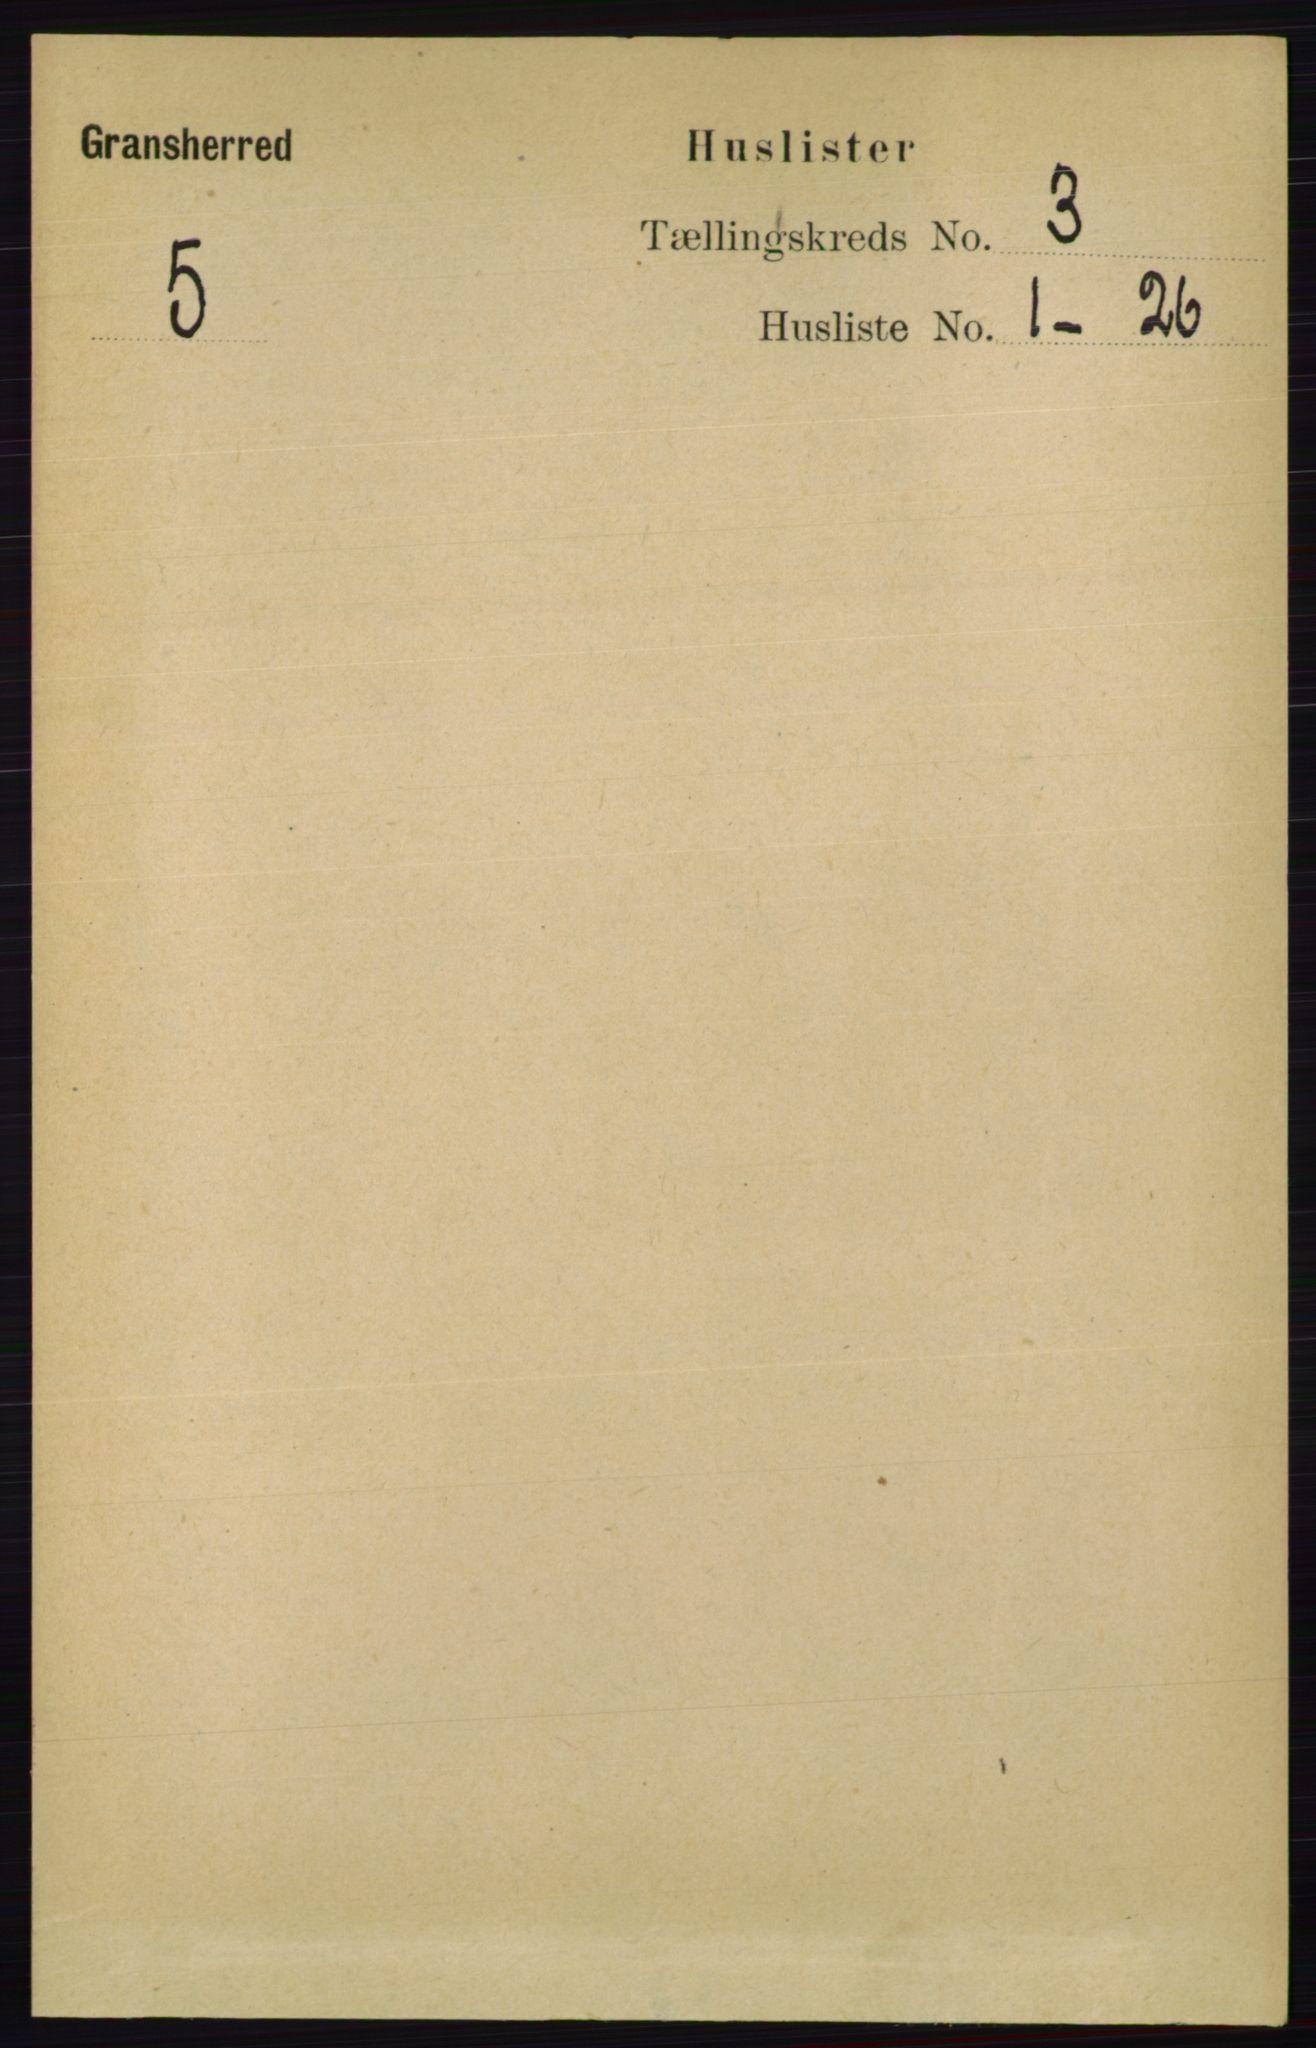 RA, Folketelling 1891 for 0824 Gransherad herred, 1891, s. 482